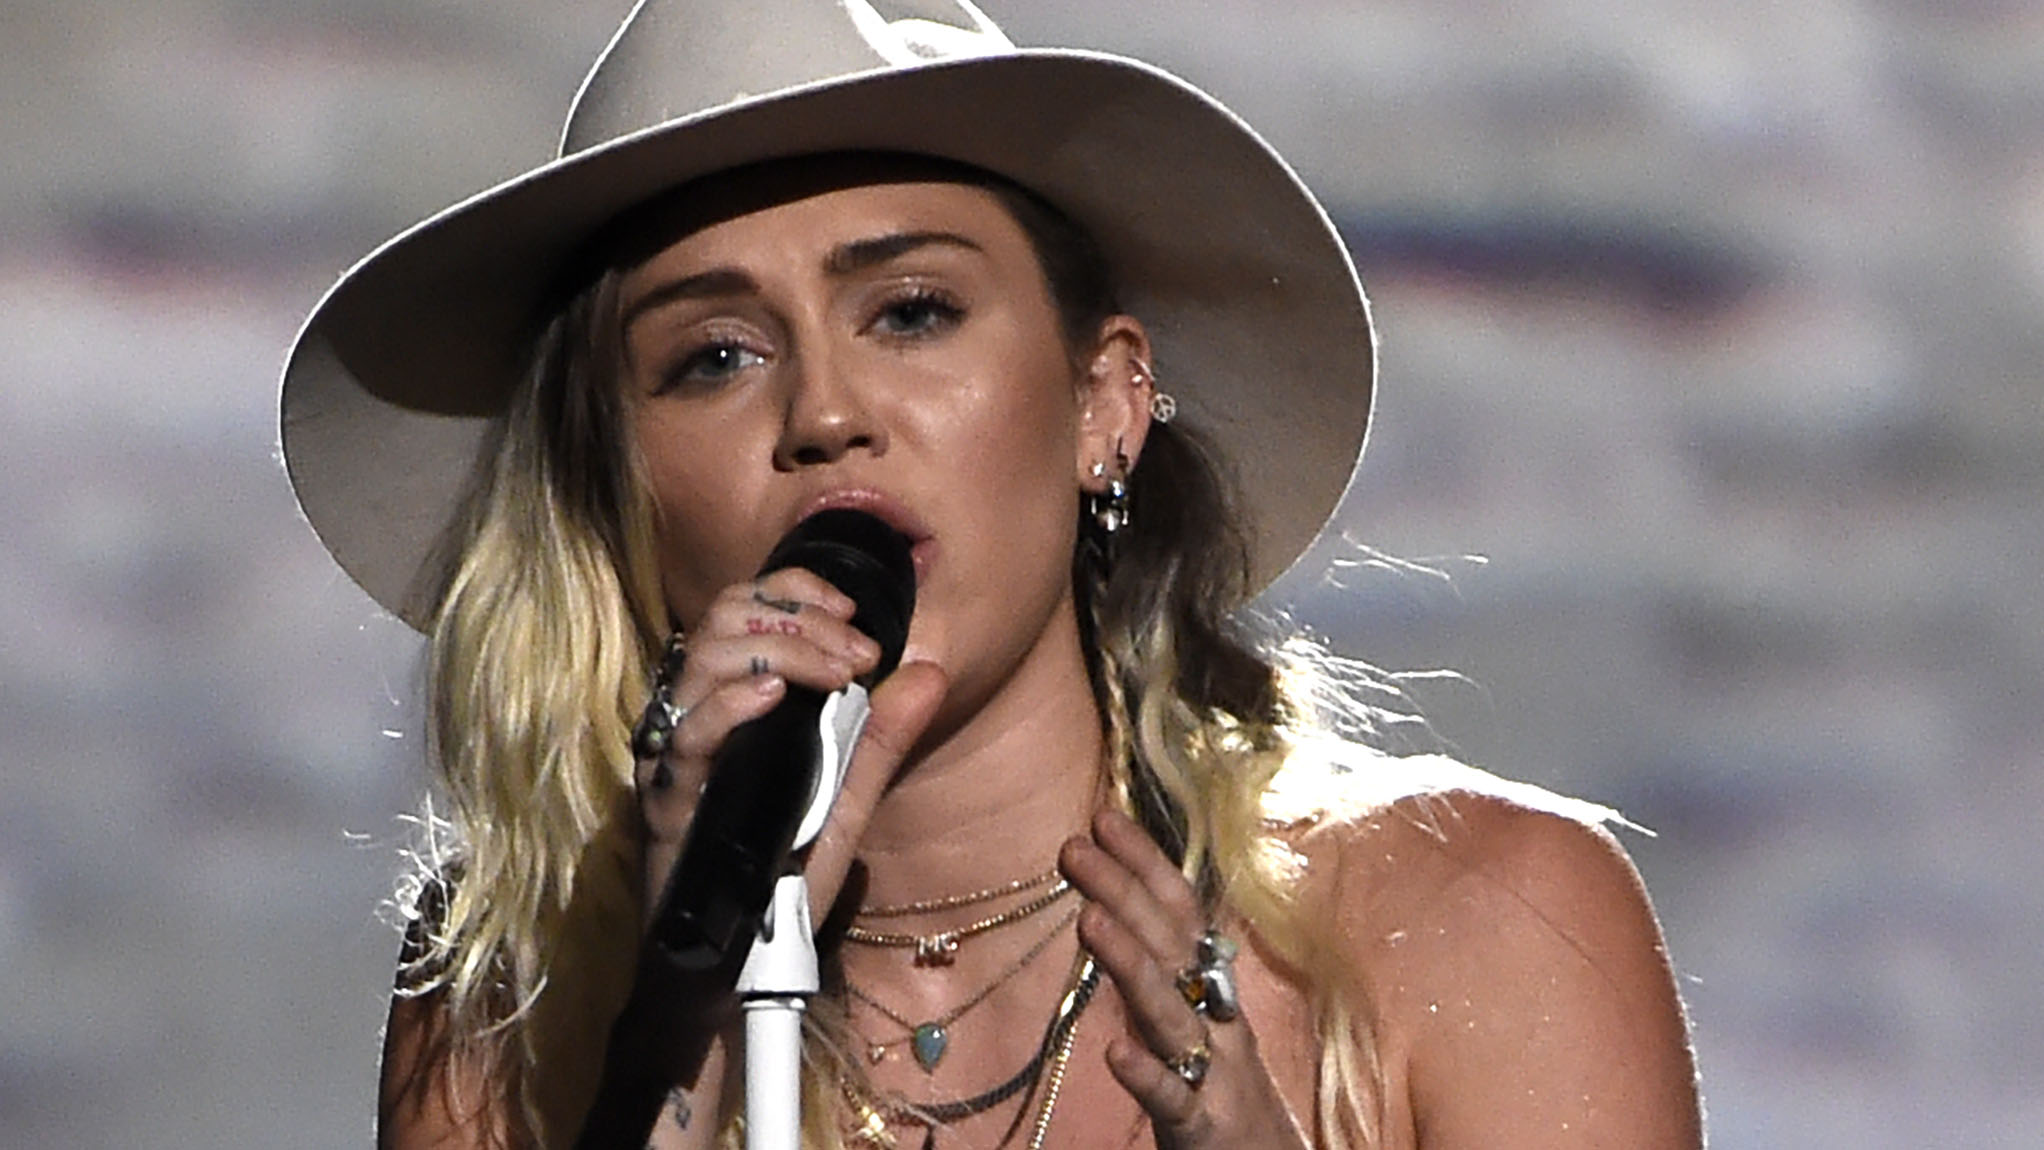 Miley Cyrus quiso salvar su matrimonio con Liam Hemsworth